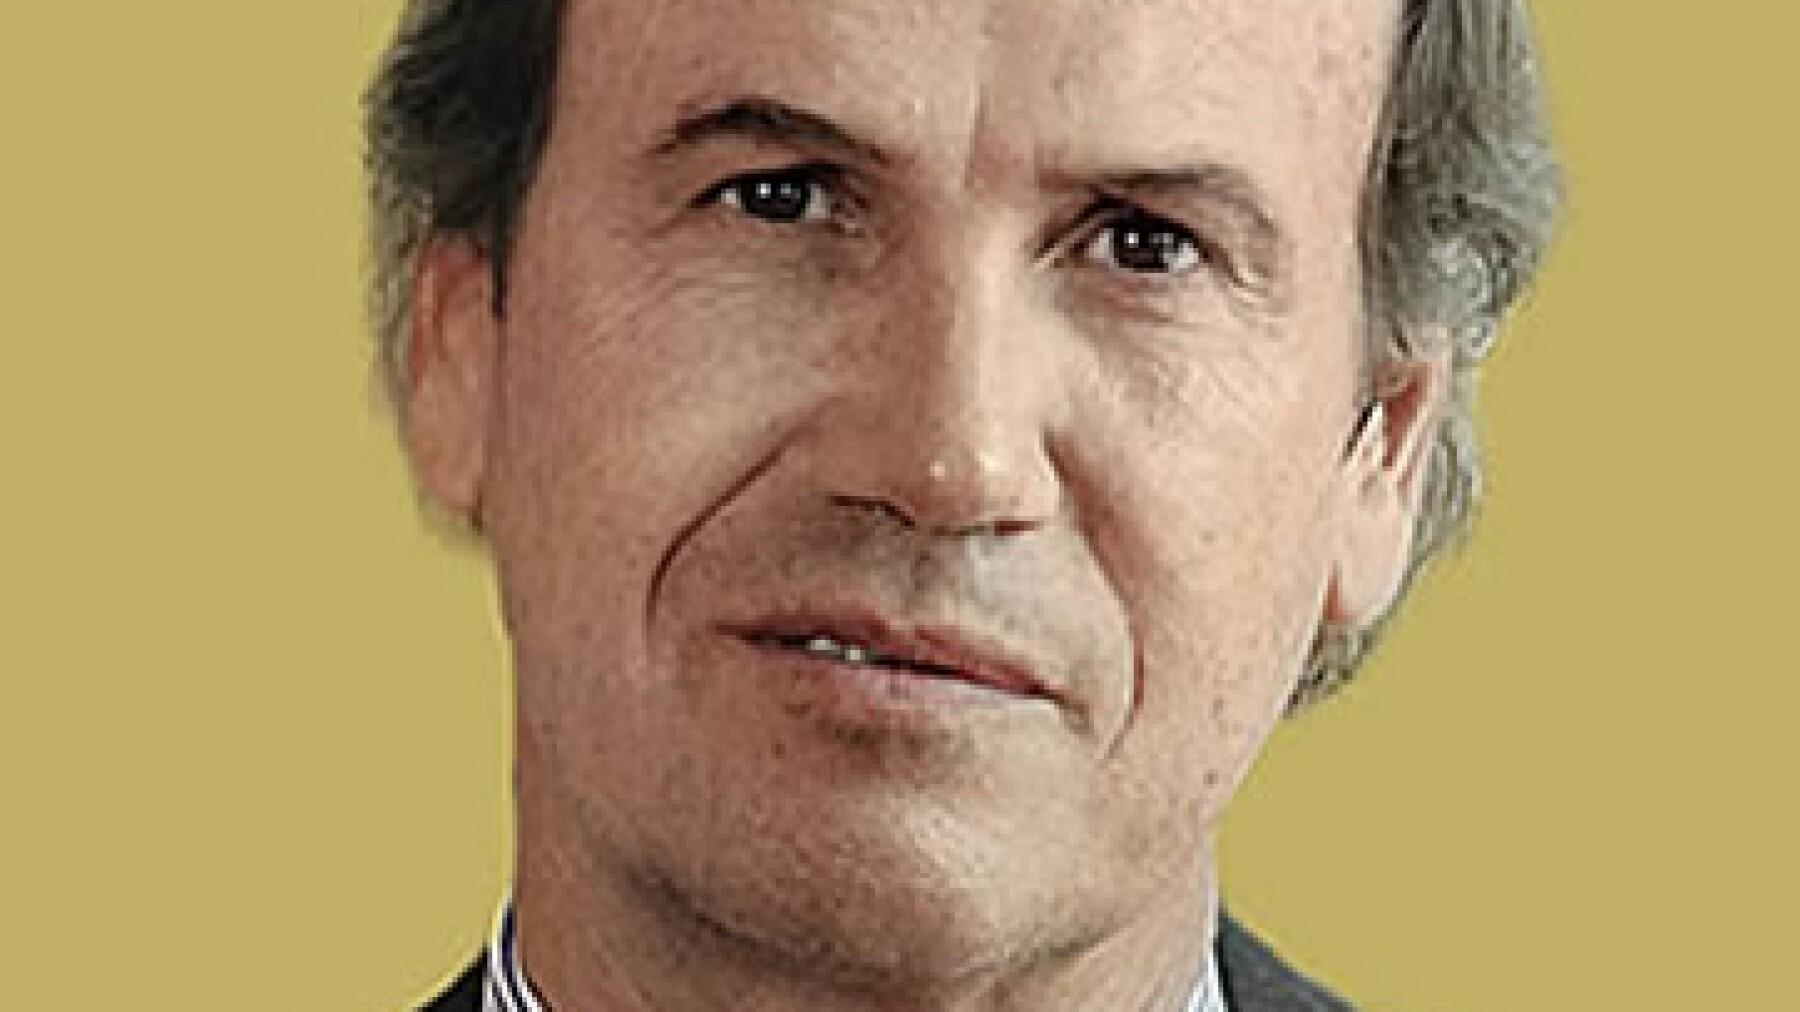 El presidente del consejo de Grupo Kuo ocupa el lugar 33 entre Los Empresarios Más Importantes de México de la revista Expansión. (Foto: Archivo)